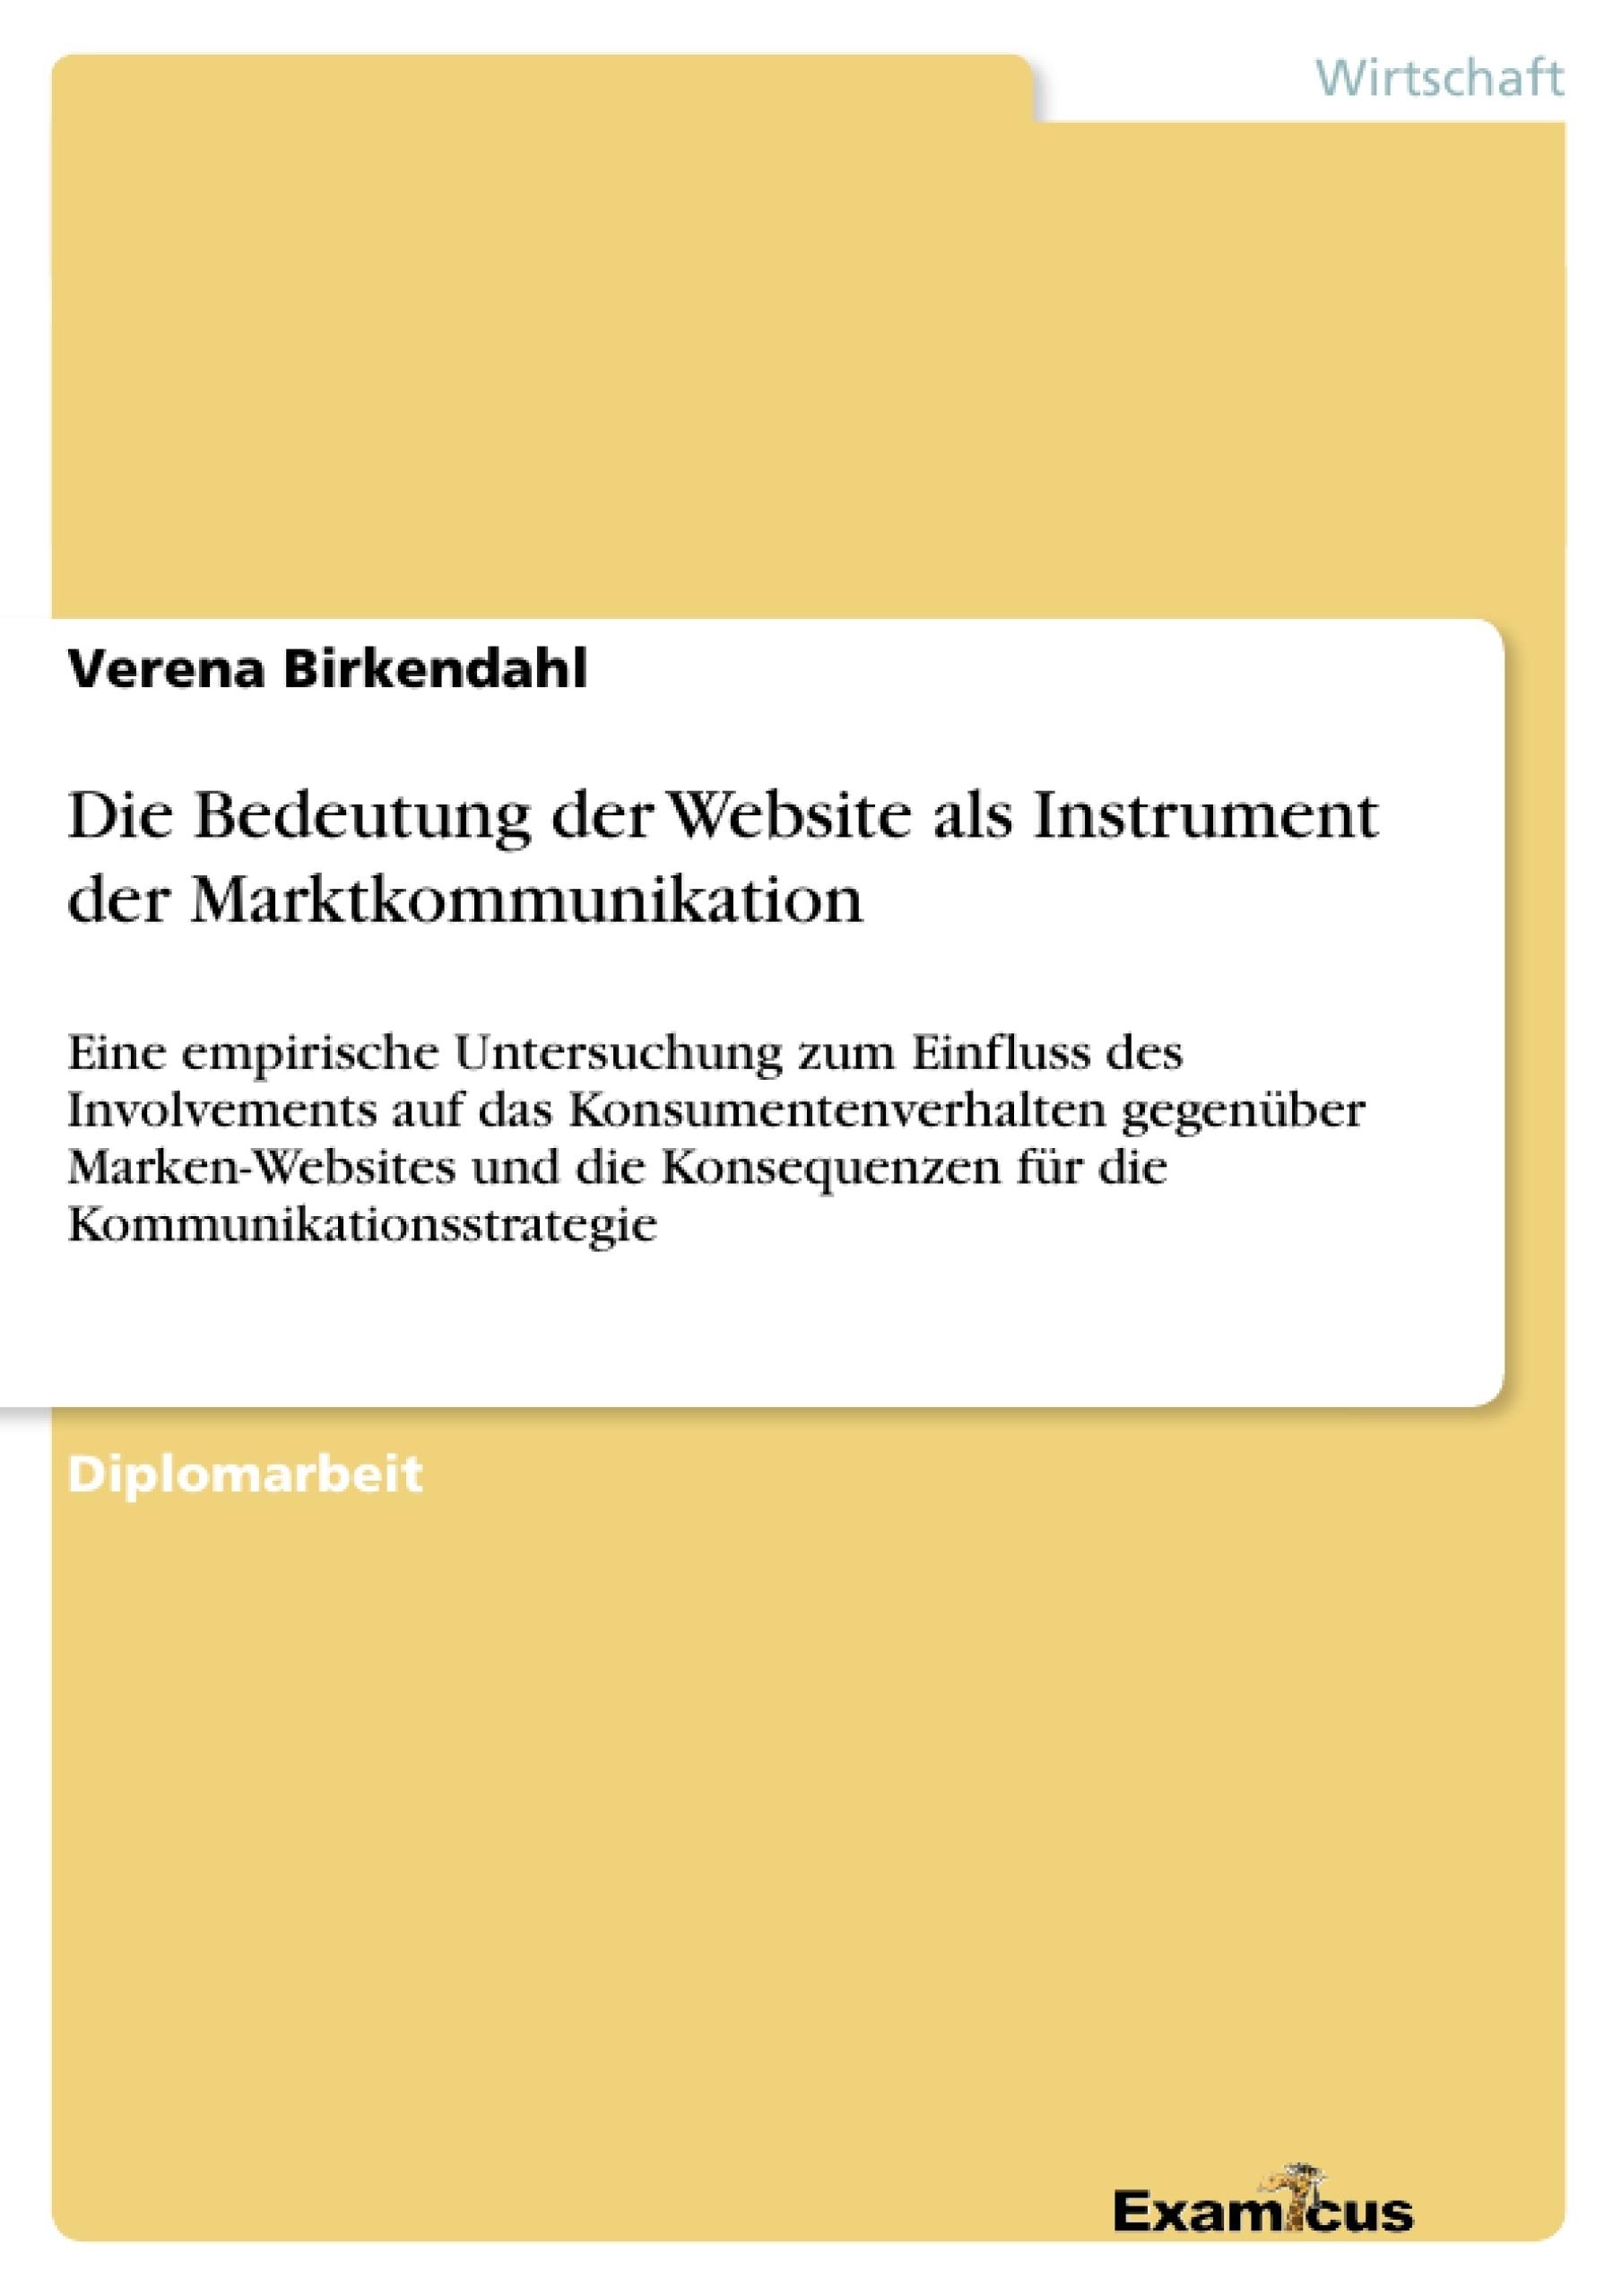 Titel: Die Bedeutung der Website als Instrument der Marktkommunikation